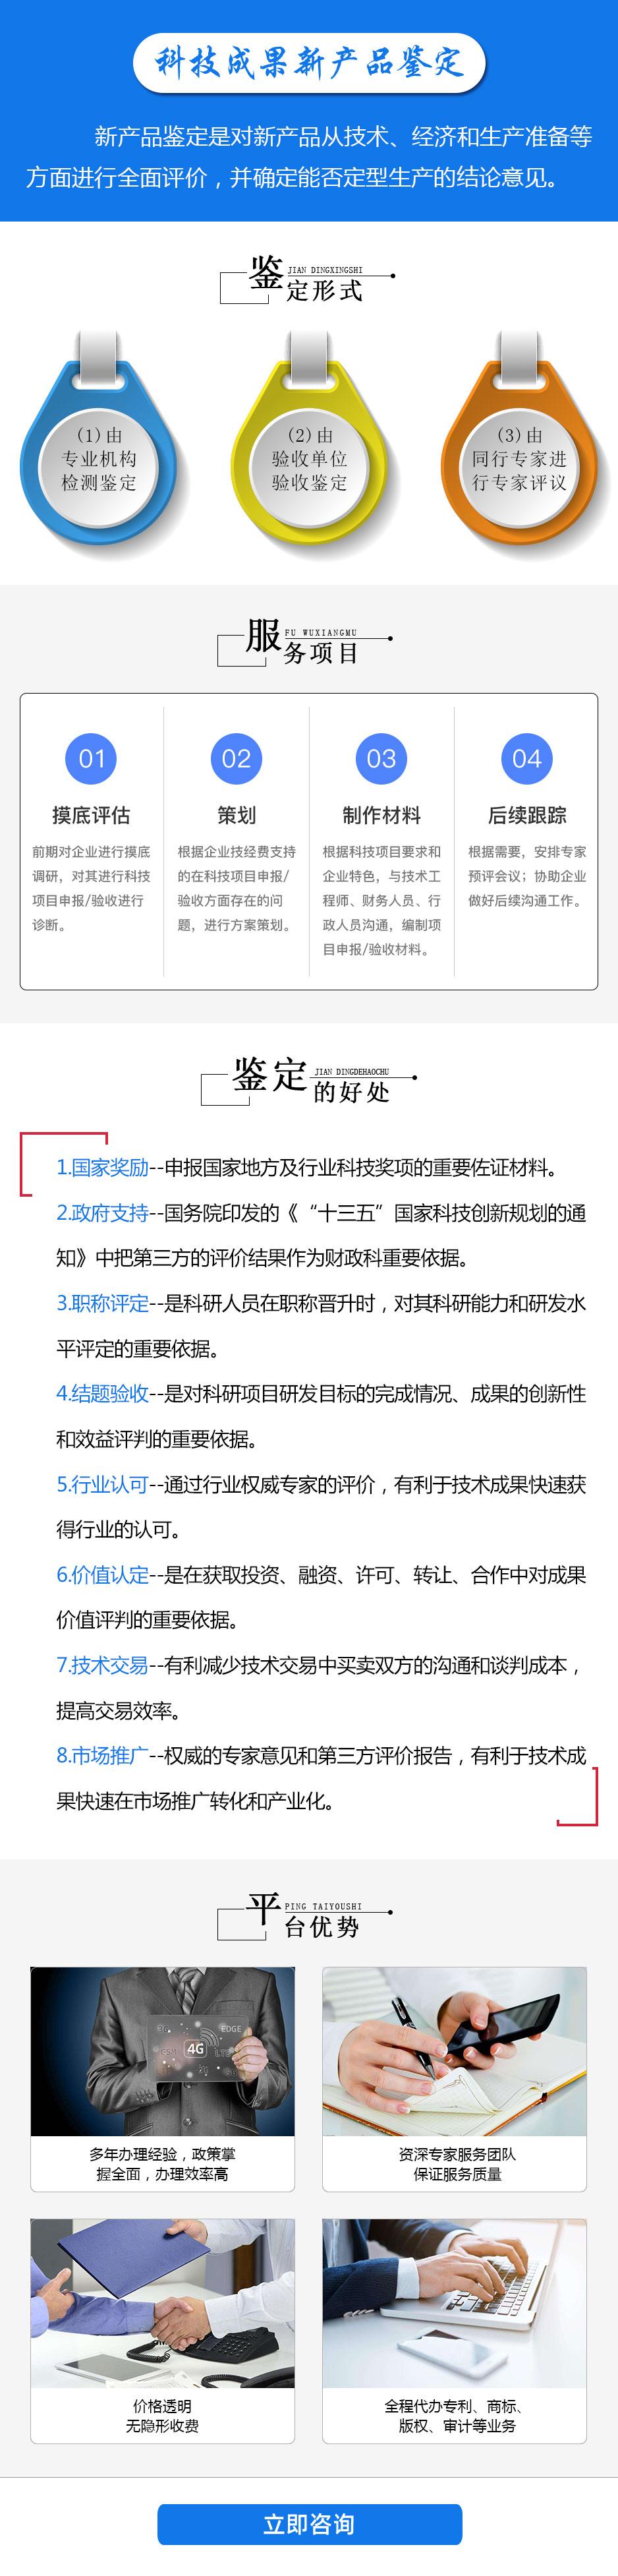 科技成果新产品鉴定详情页.jpg